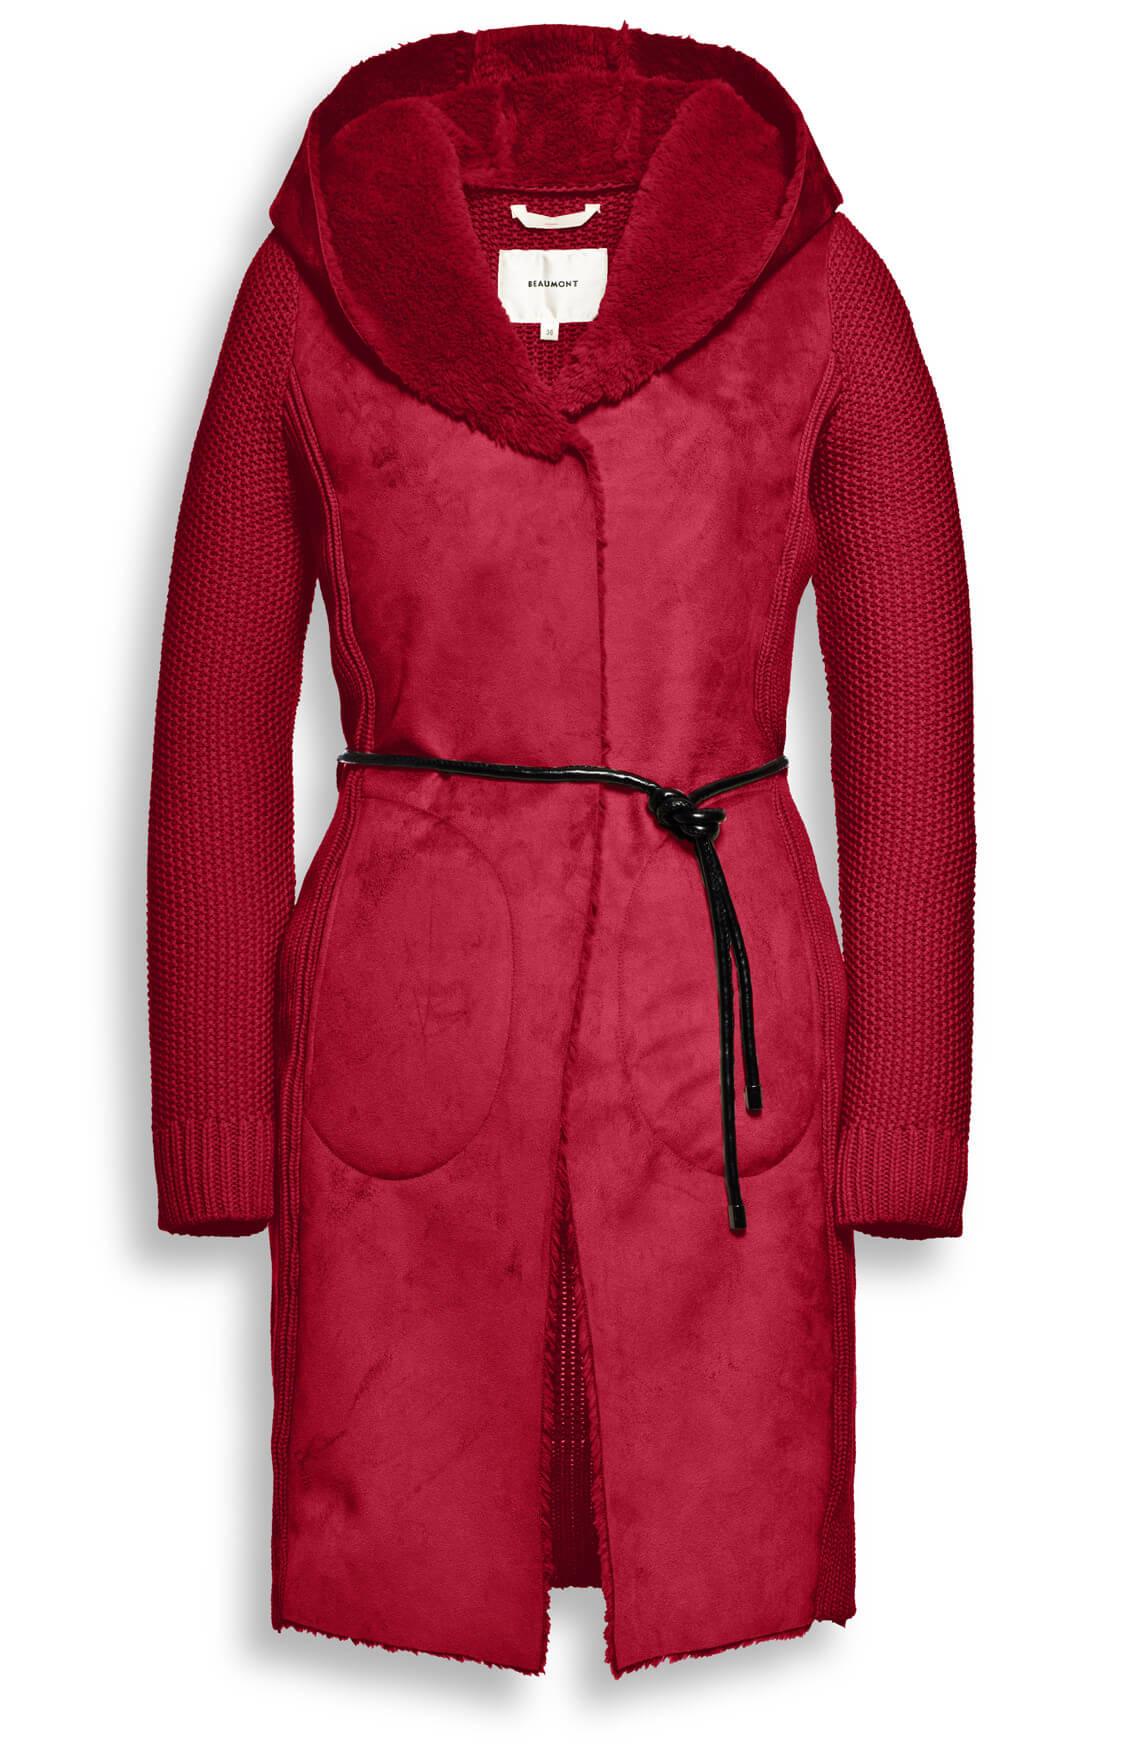 Beaumont Dames Vest met fake fur kraag Rood